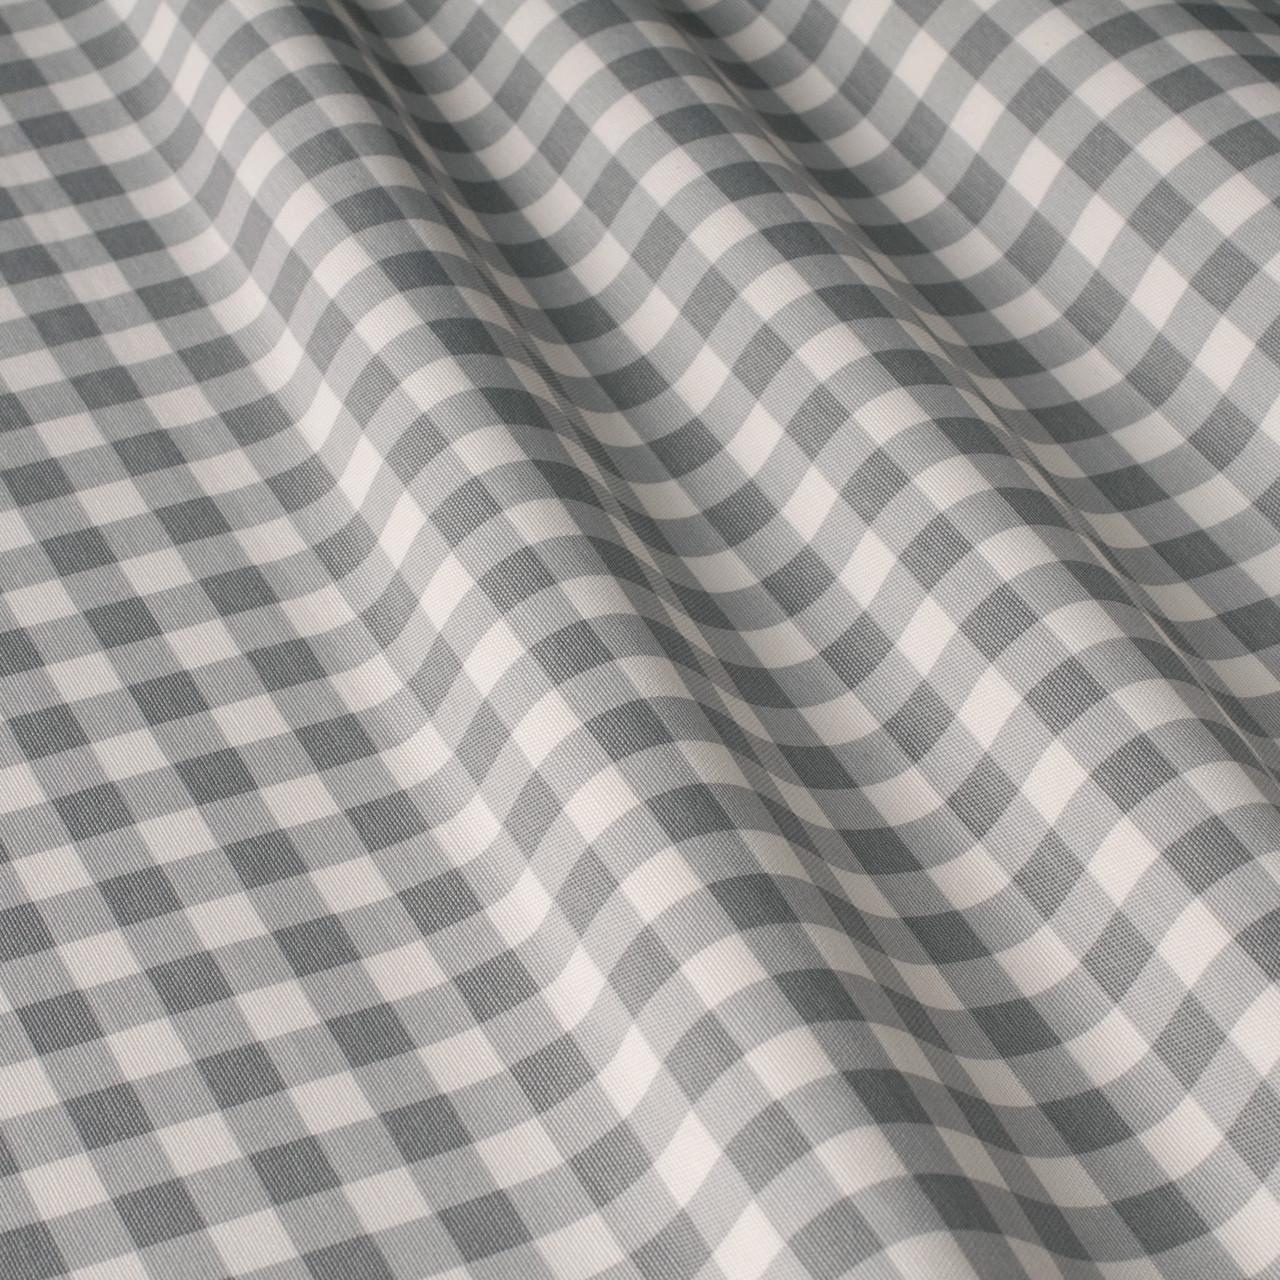 Декоративная ткань в мелкую клетку бело-серого цвета Турция 84582v36